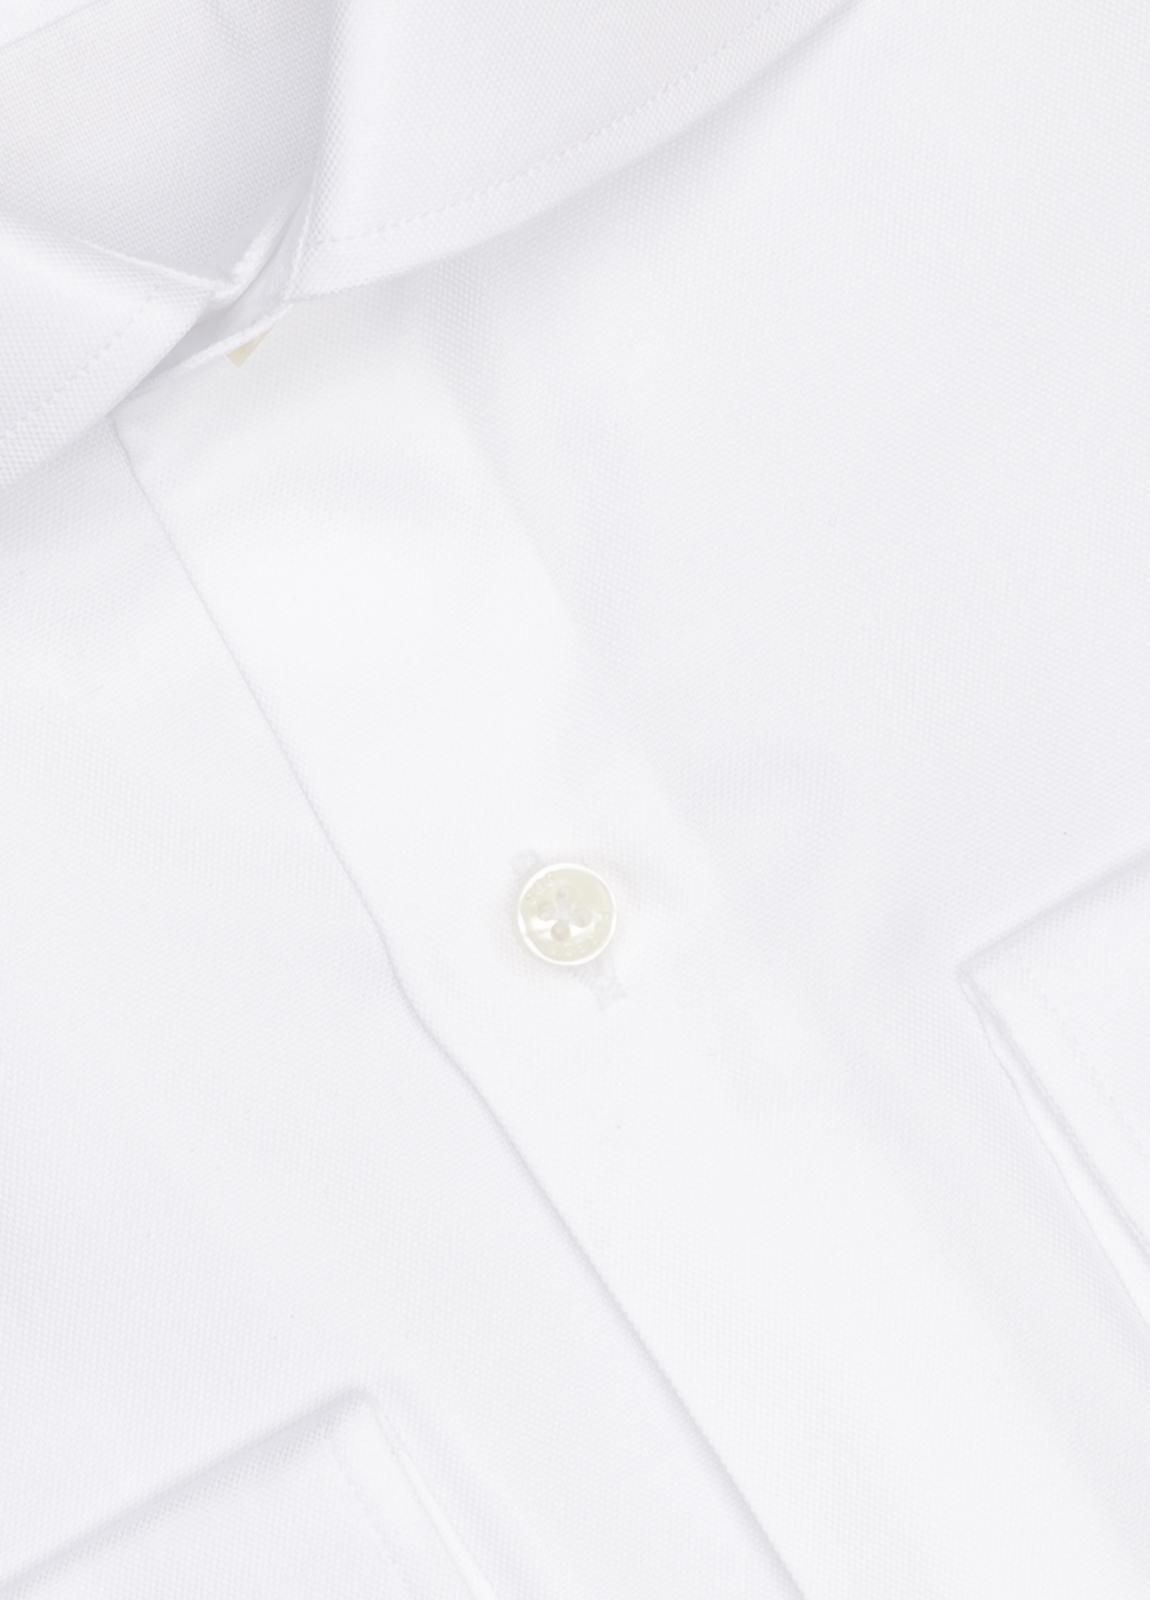 Camisa vestir FUREST COLECCIÓN REGULAR FIT blanco - Ítem1